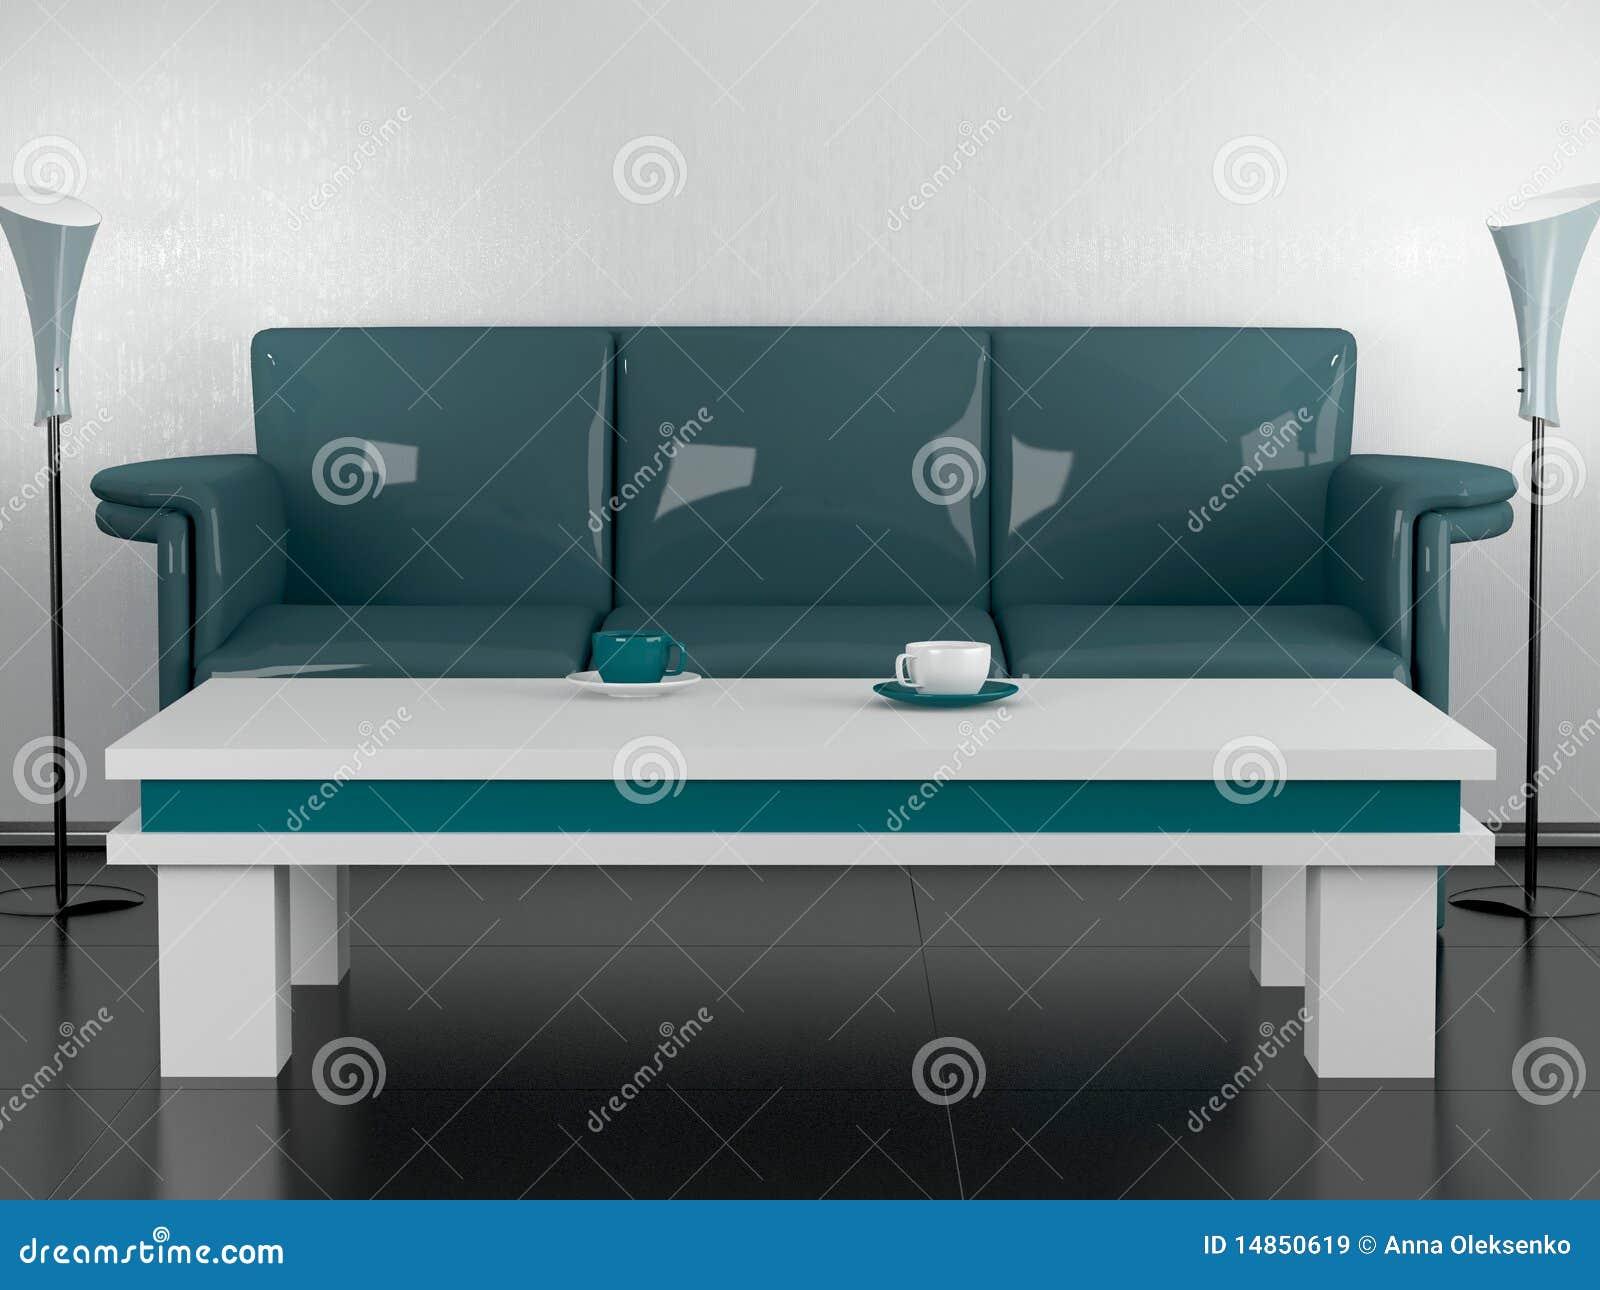 Tavolino Salotto Verde : Sofà e tavolino da salotto verdi nella sala da pranzo illustrazione